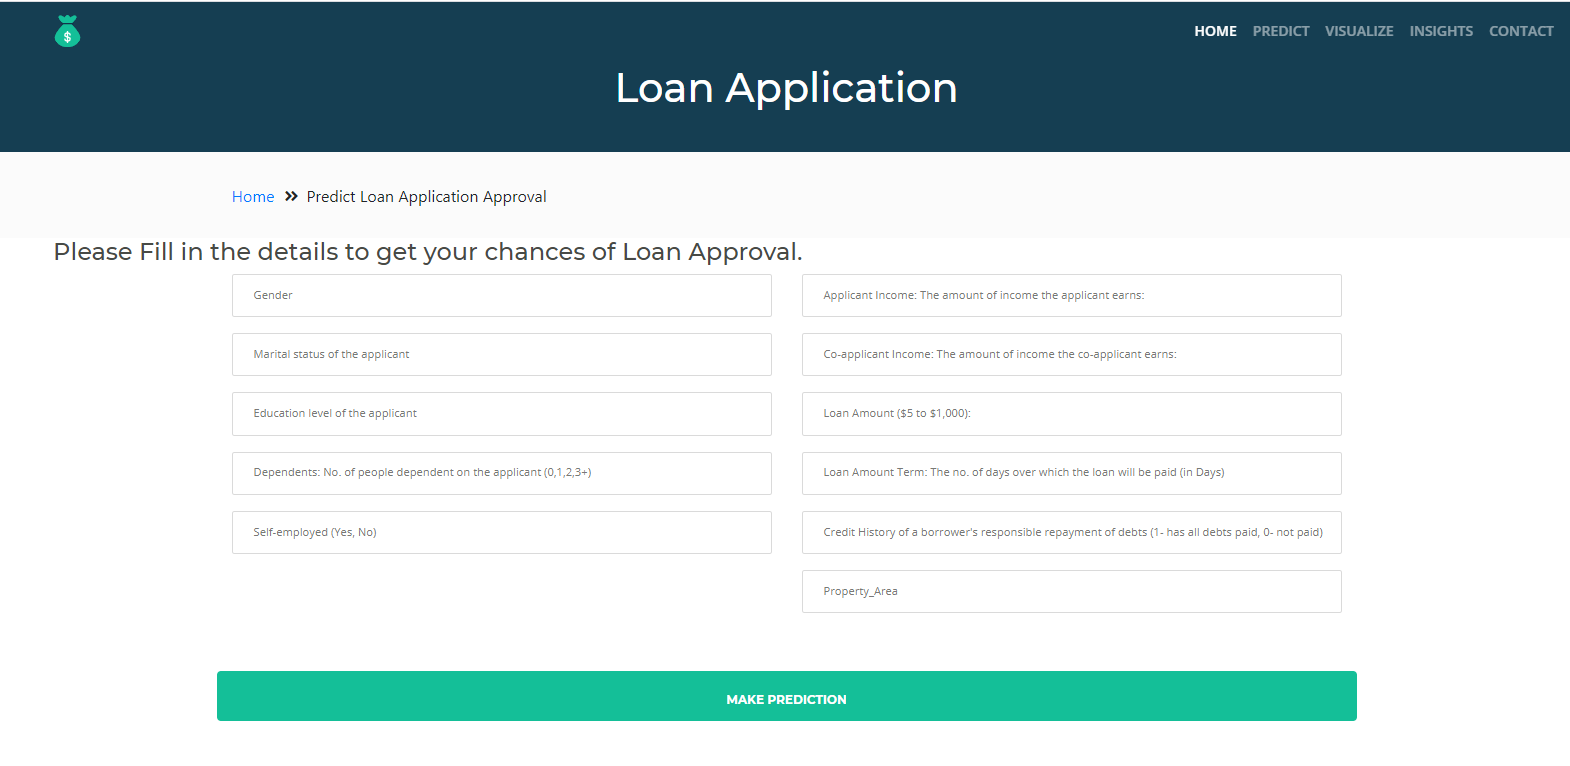 Loan App Predict